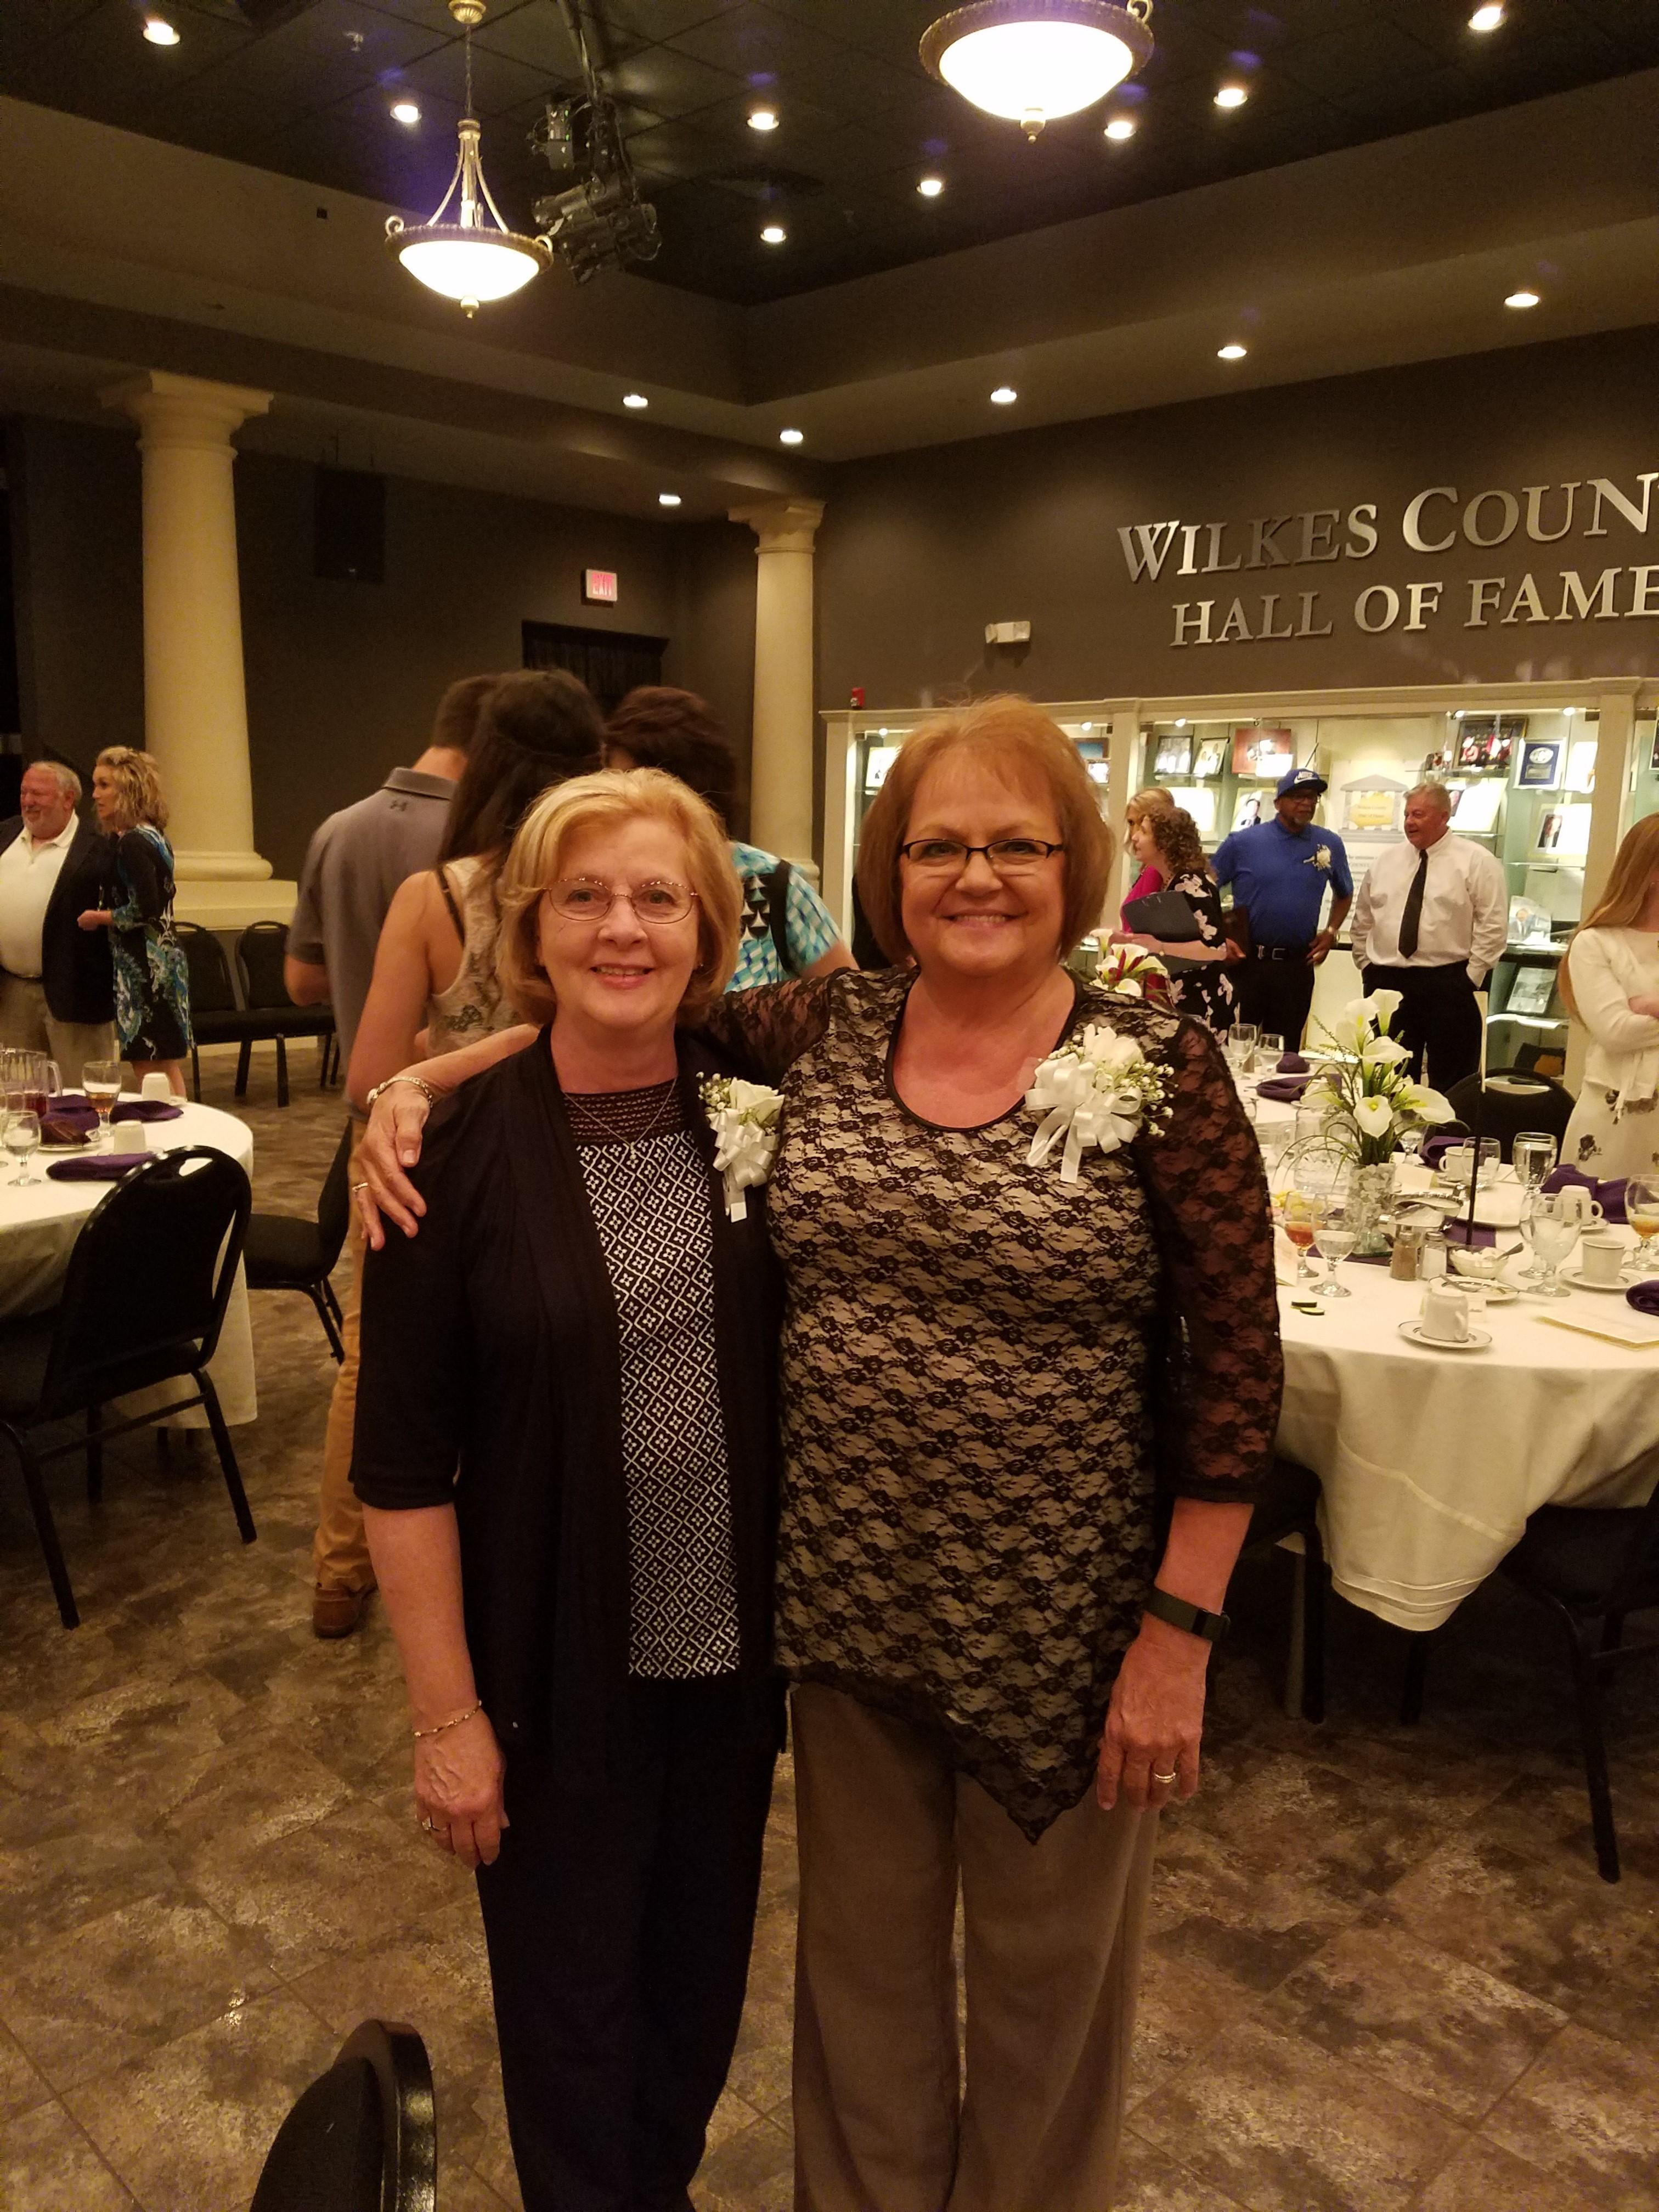 Wanda and Sheila